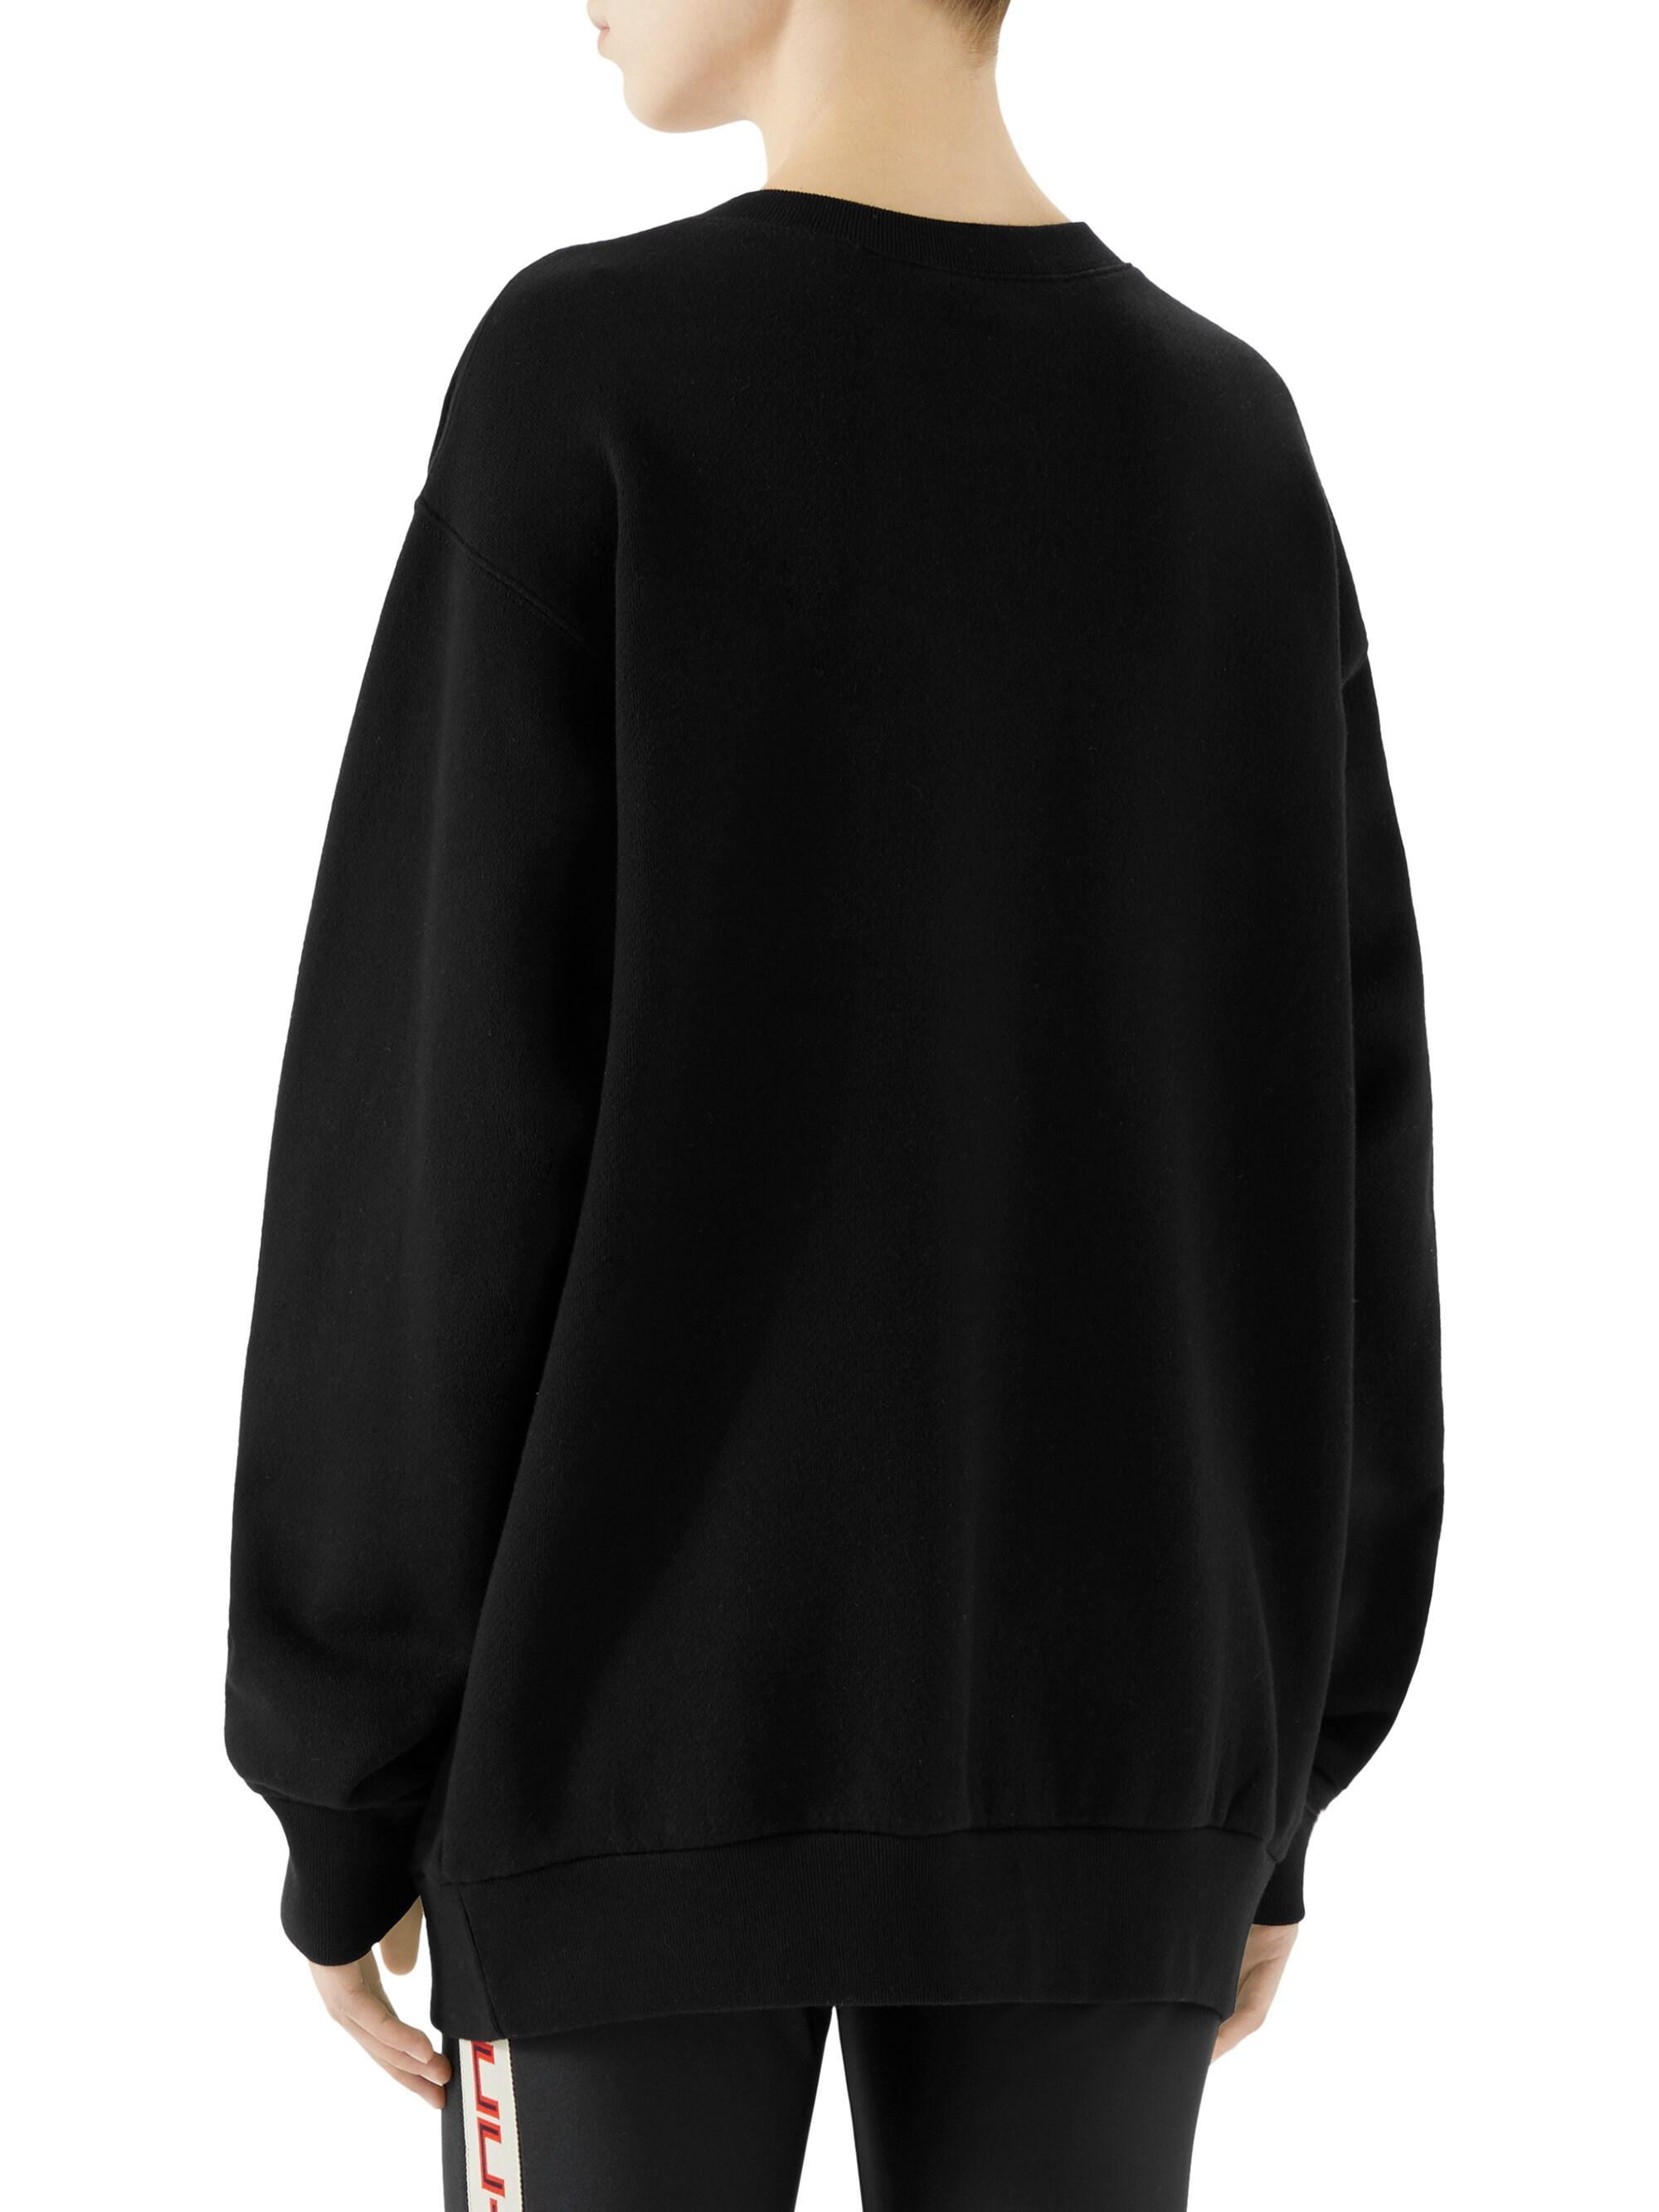 Women Ladies Sequin Tiger Face Multi Sequin Sleeve Oversized Sweatshirt Jumper